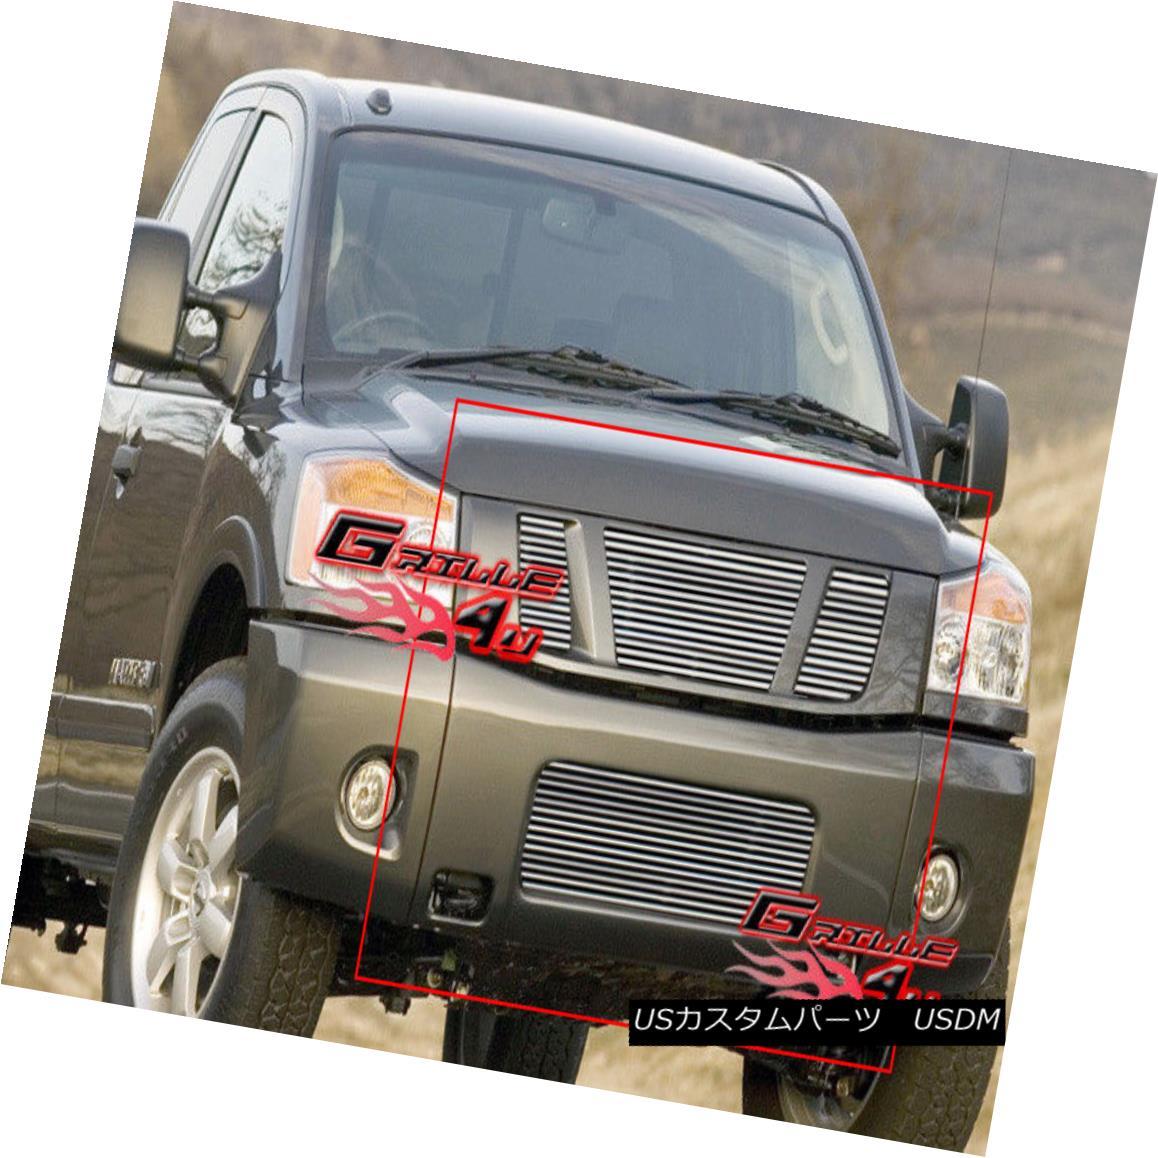 グリル Fits 2008-2014 Nissan Titan Billet Grille Grill Combo フィット2008-2014日産タイタンビレットグリルグリルコンボ